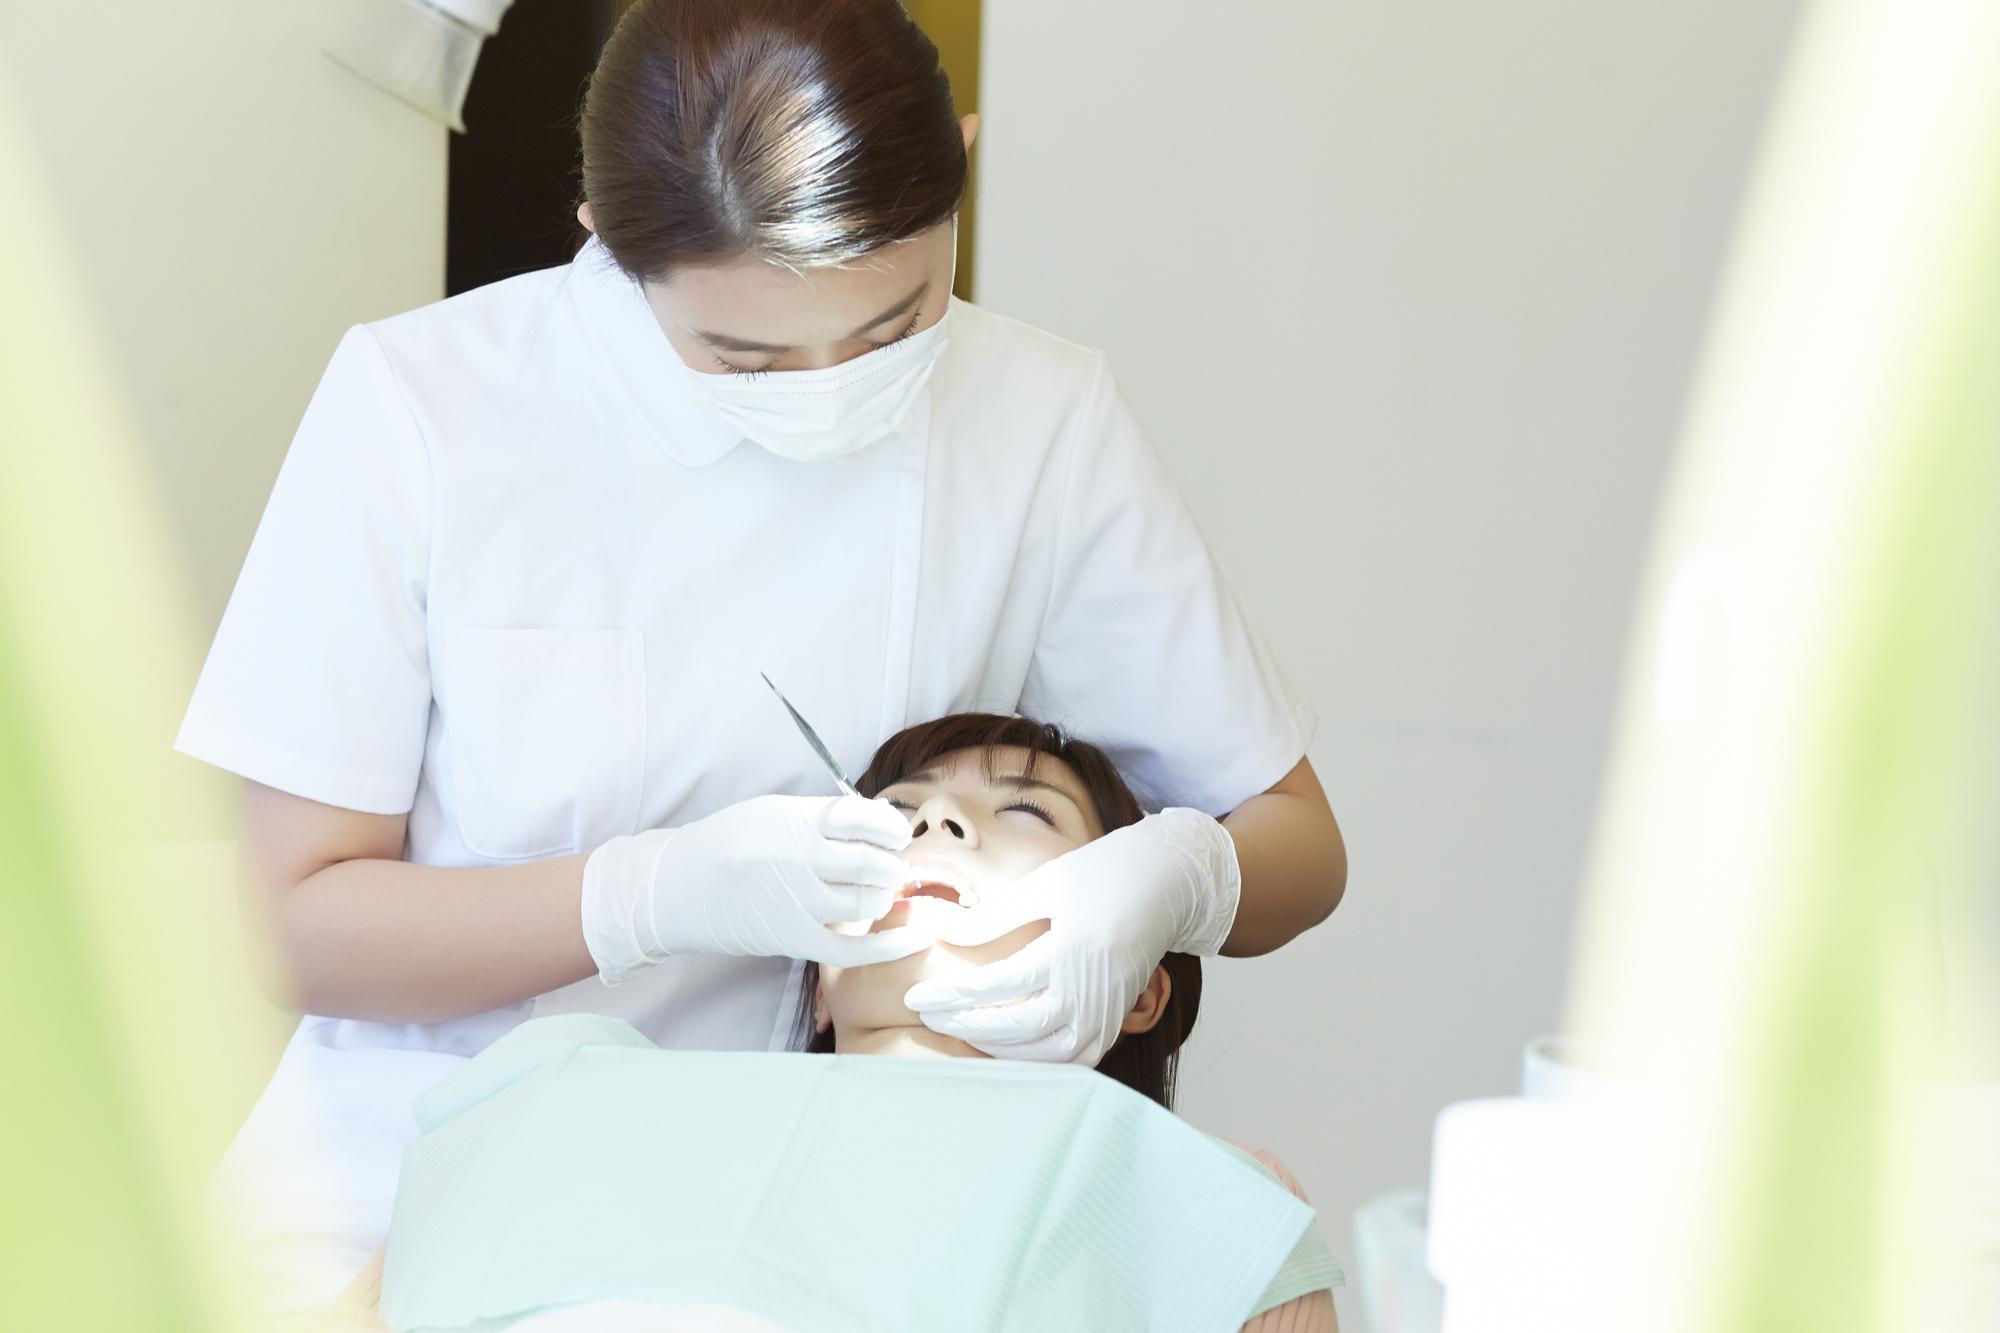 歯科恐怖症!? 歯がボロボロなのに大人でも歯医者に行けない原因は【歯学博士に聞く】